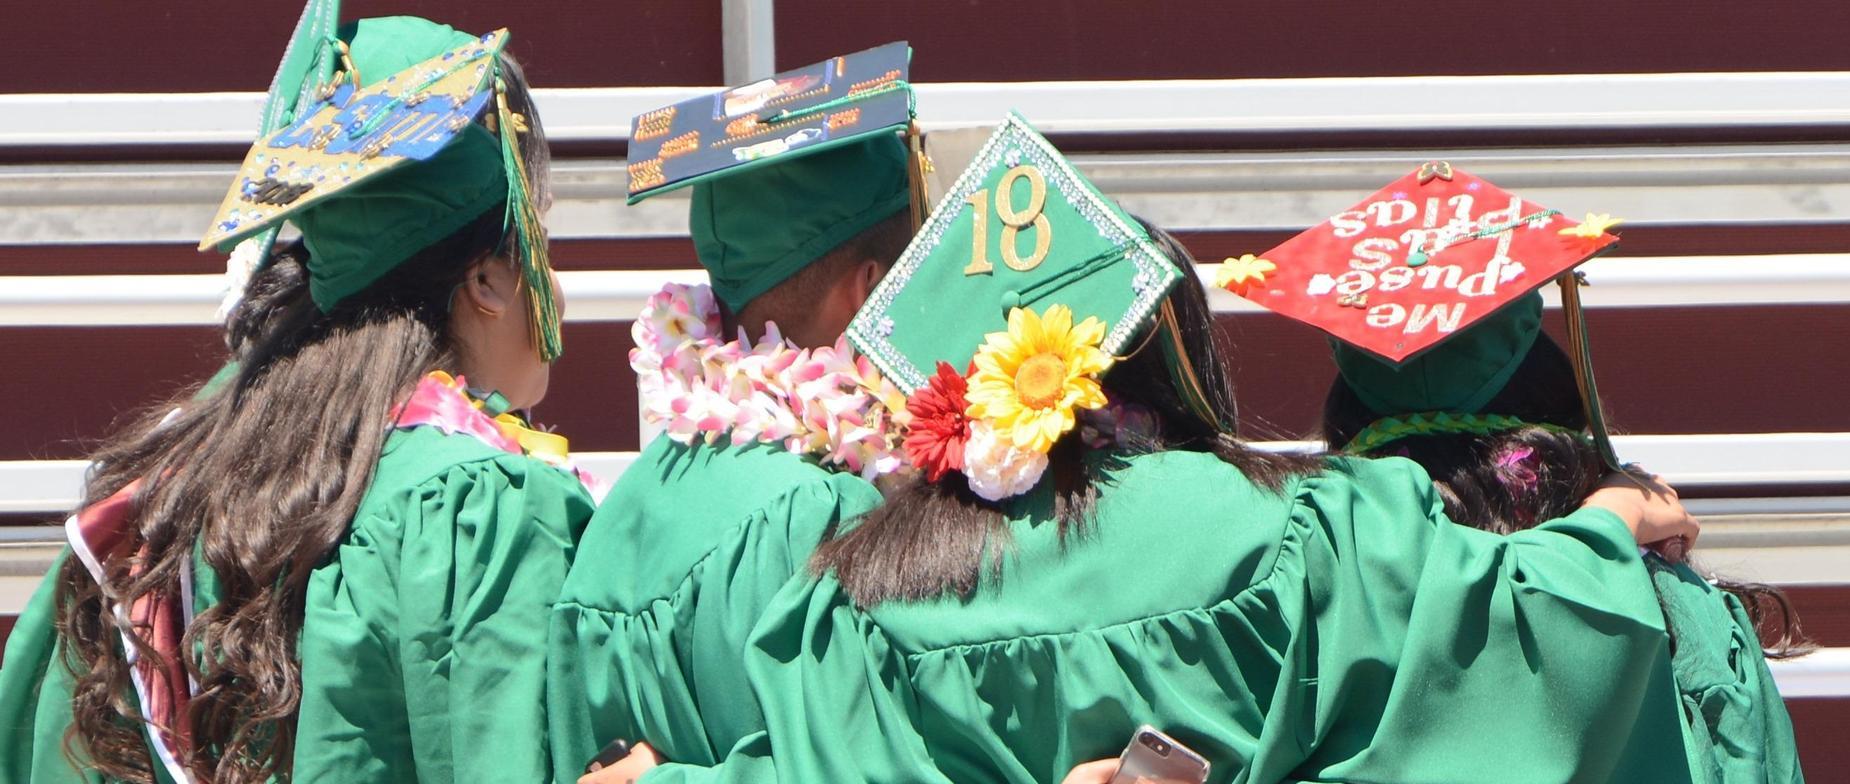 2018 Graduation (grad caps)